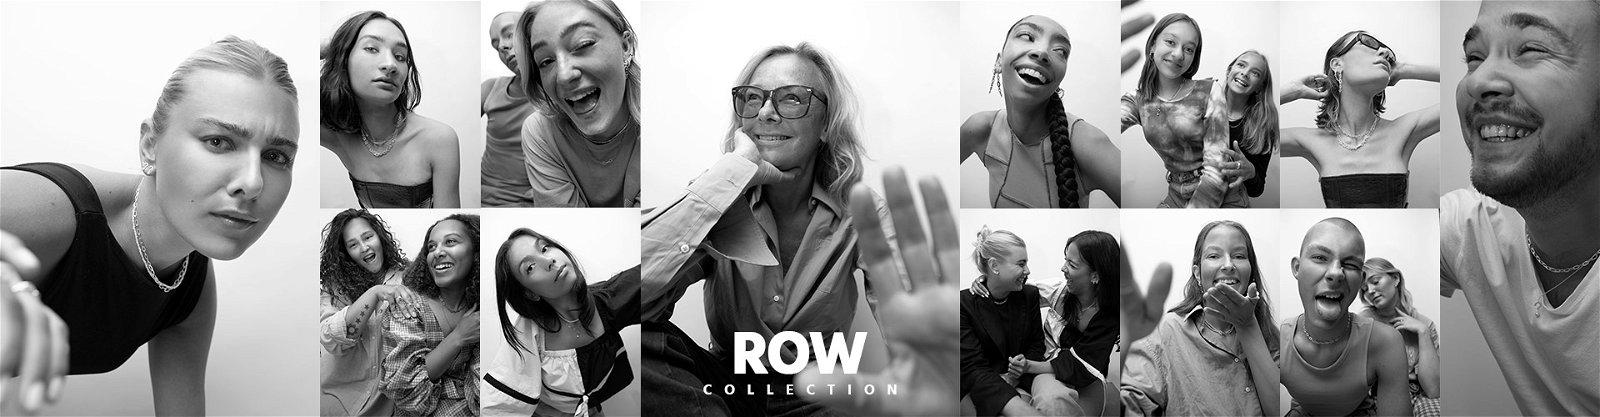 ROW by Jane Kønig